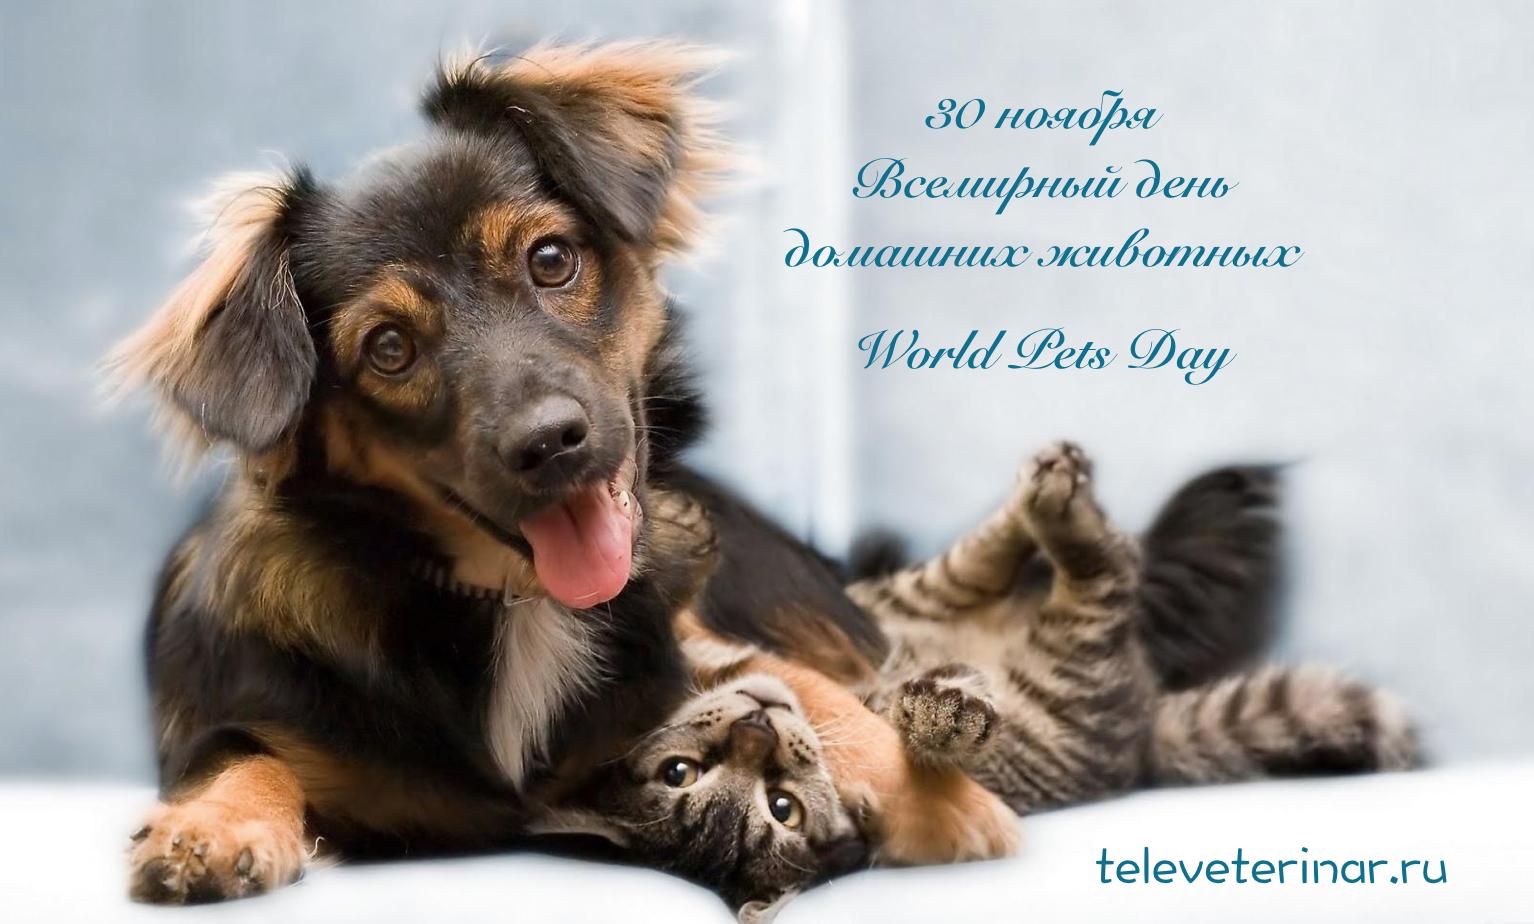 Всемирный день домашних животных - Телеветеринар